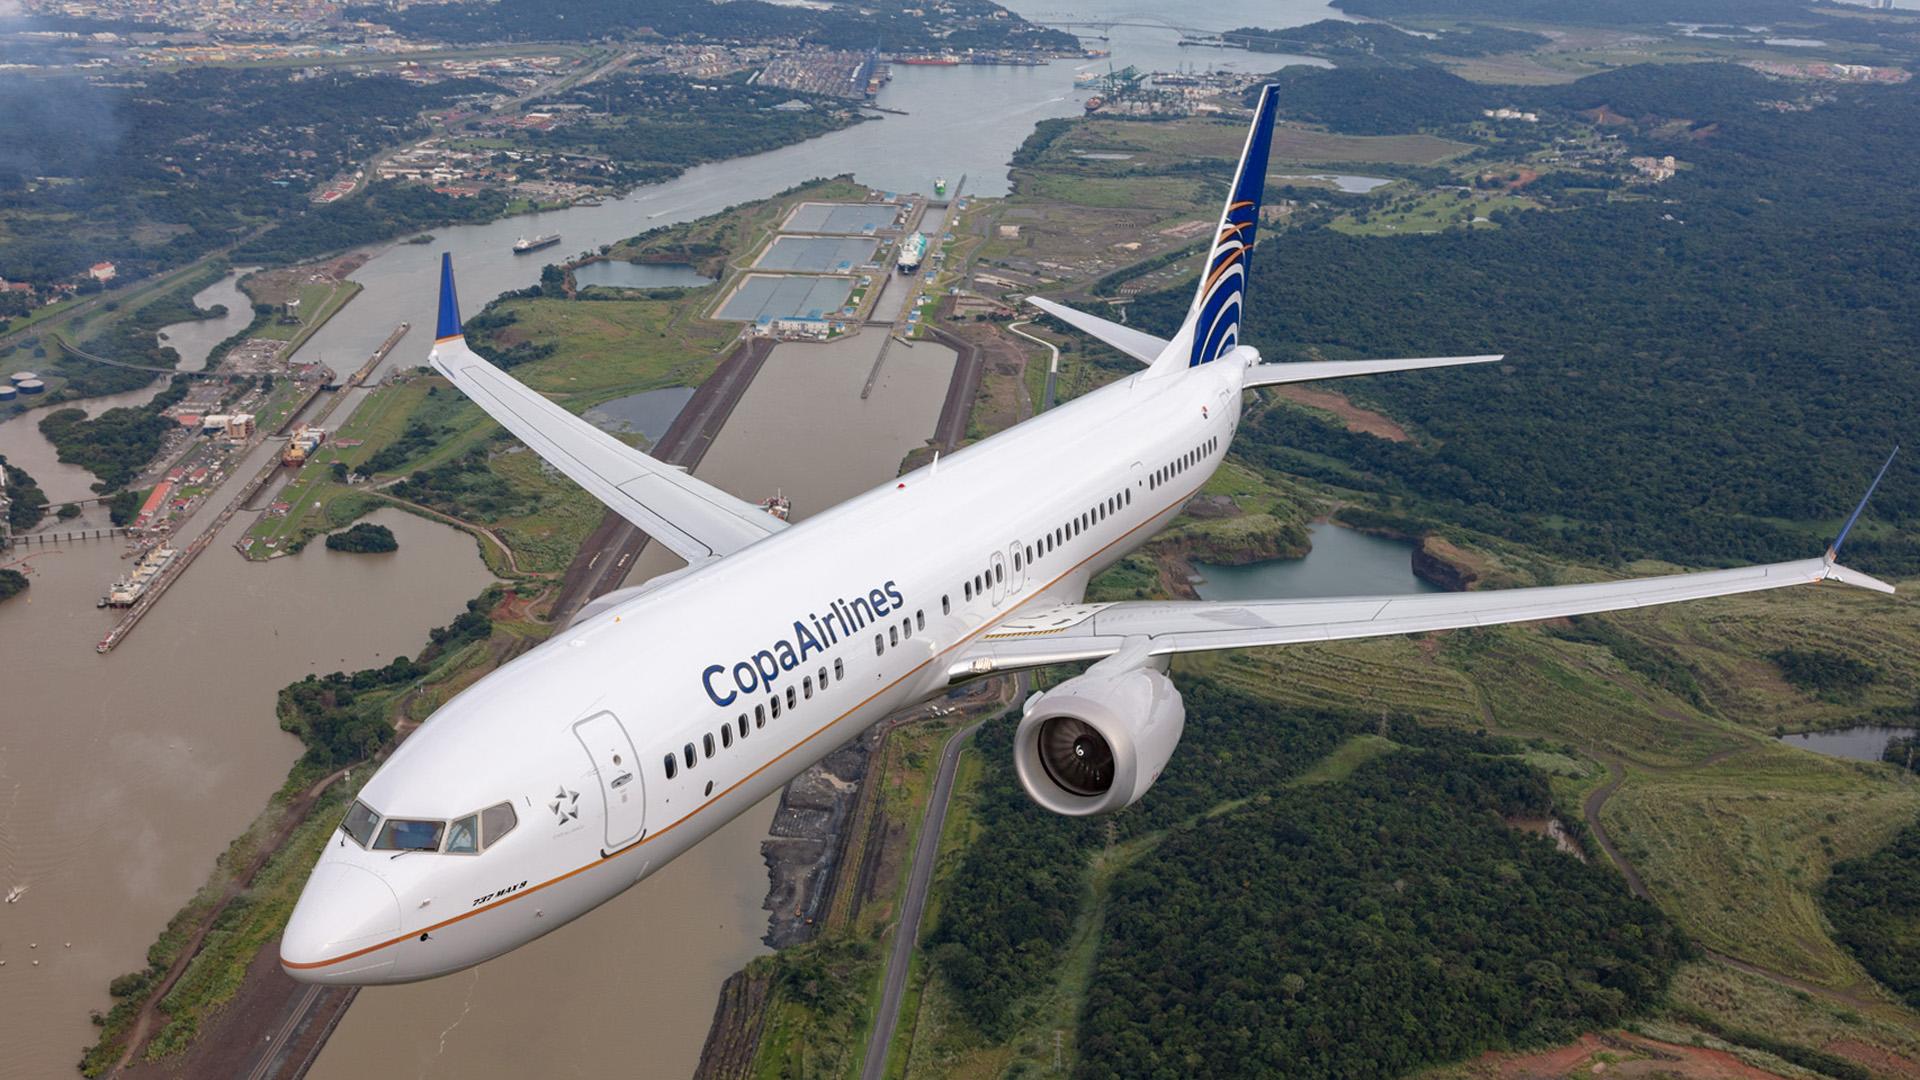 El nuevo MAX 9 de Copa Airlines se caracteriza por su confort, conveniencia y sostenibilidad. (Gentileza Copa Airlines)